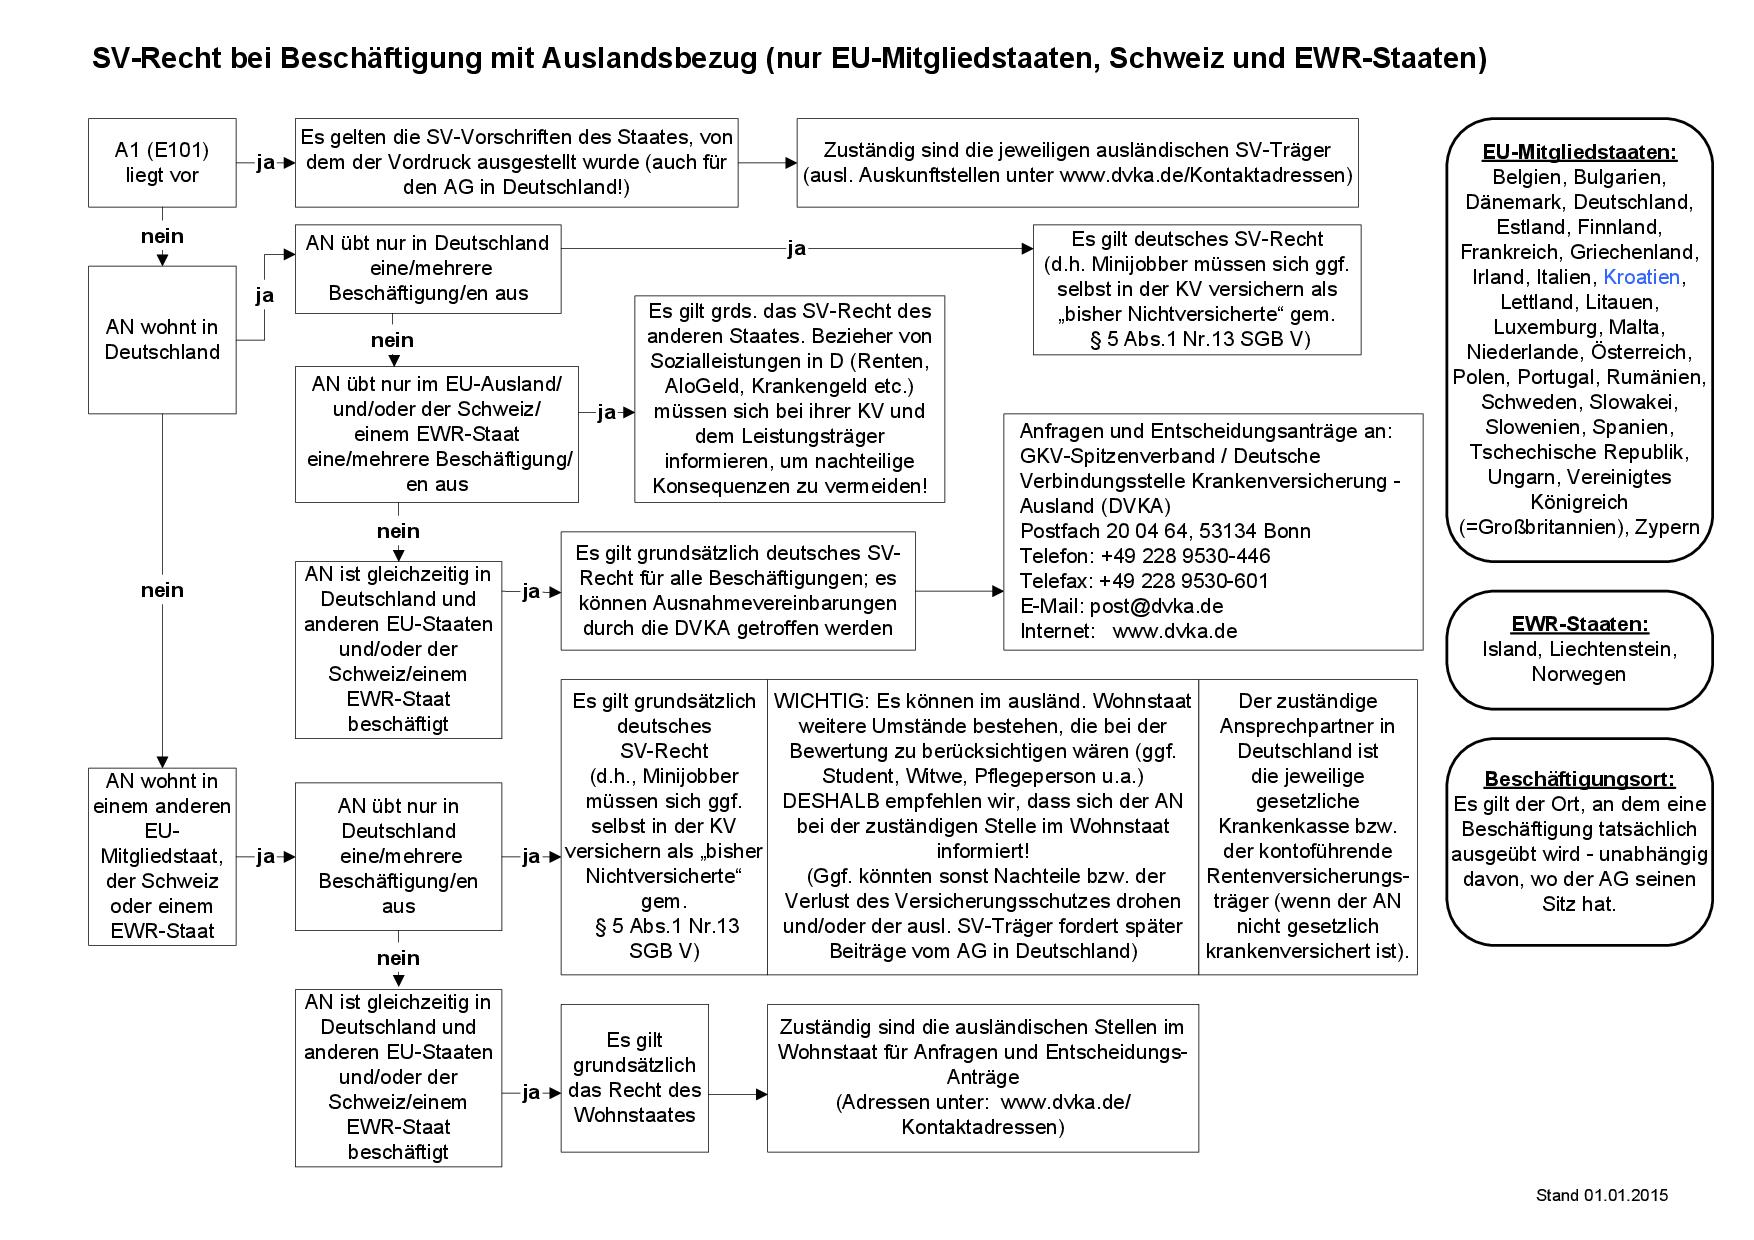 SV-Recht bei Beschäftigung mit Auslandsbezug (nur EU-Mitgliedstaaten, Schweiz und EWR-Staaten)